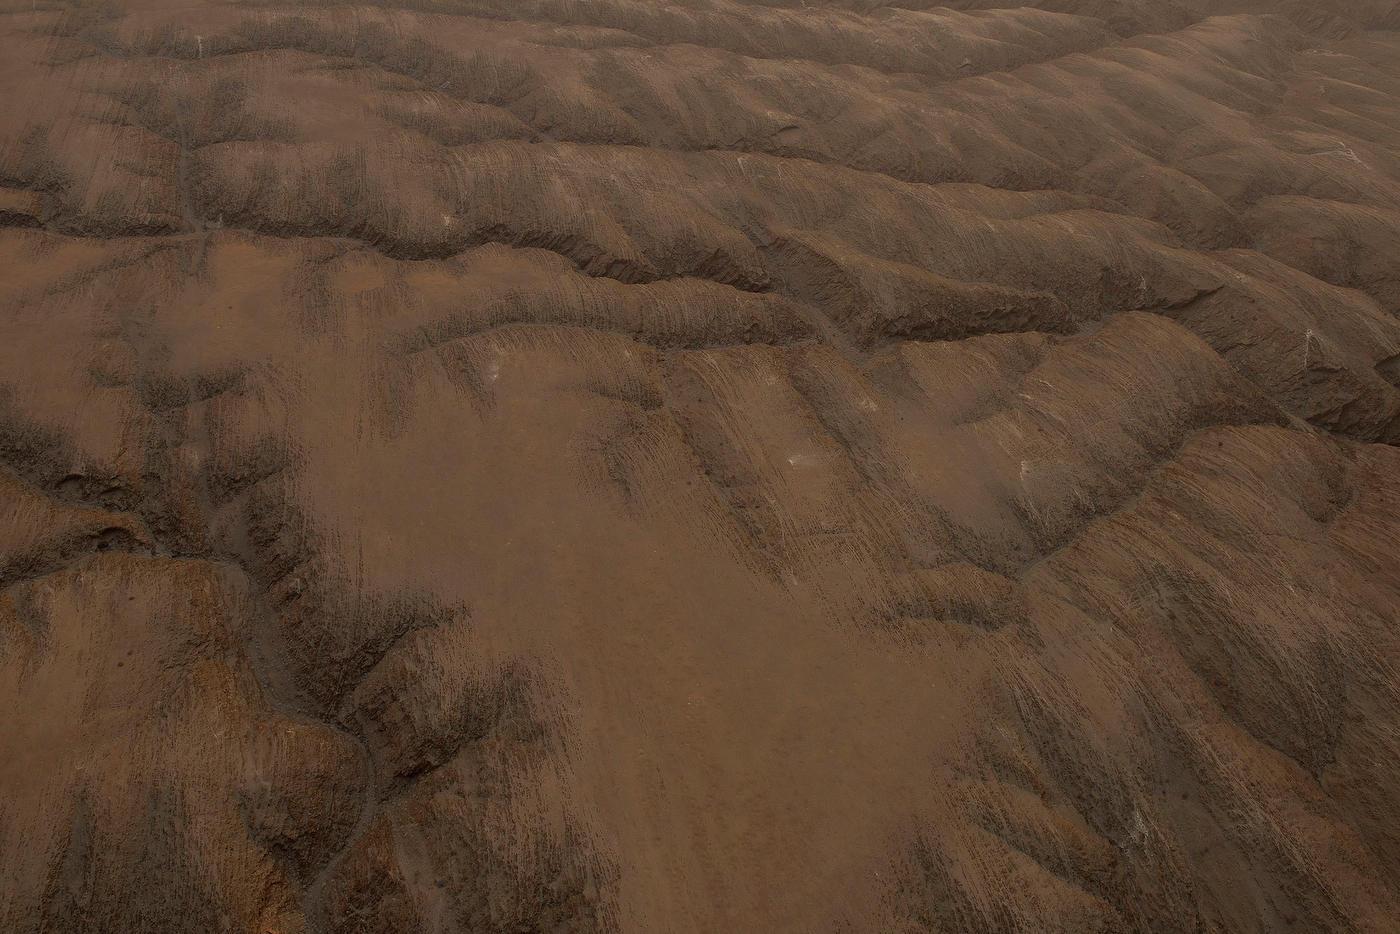 Namib Desert-011.JPG